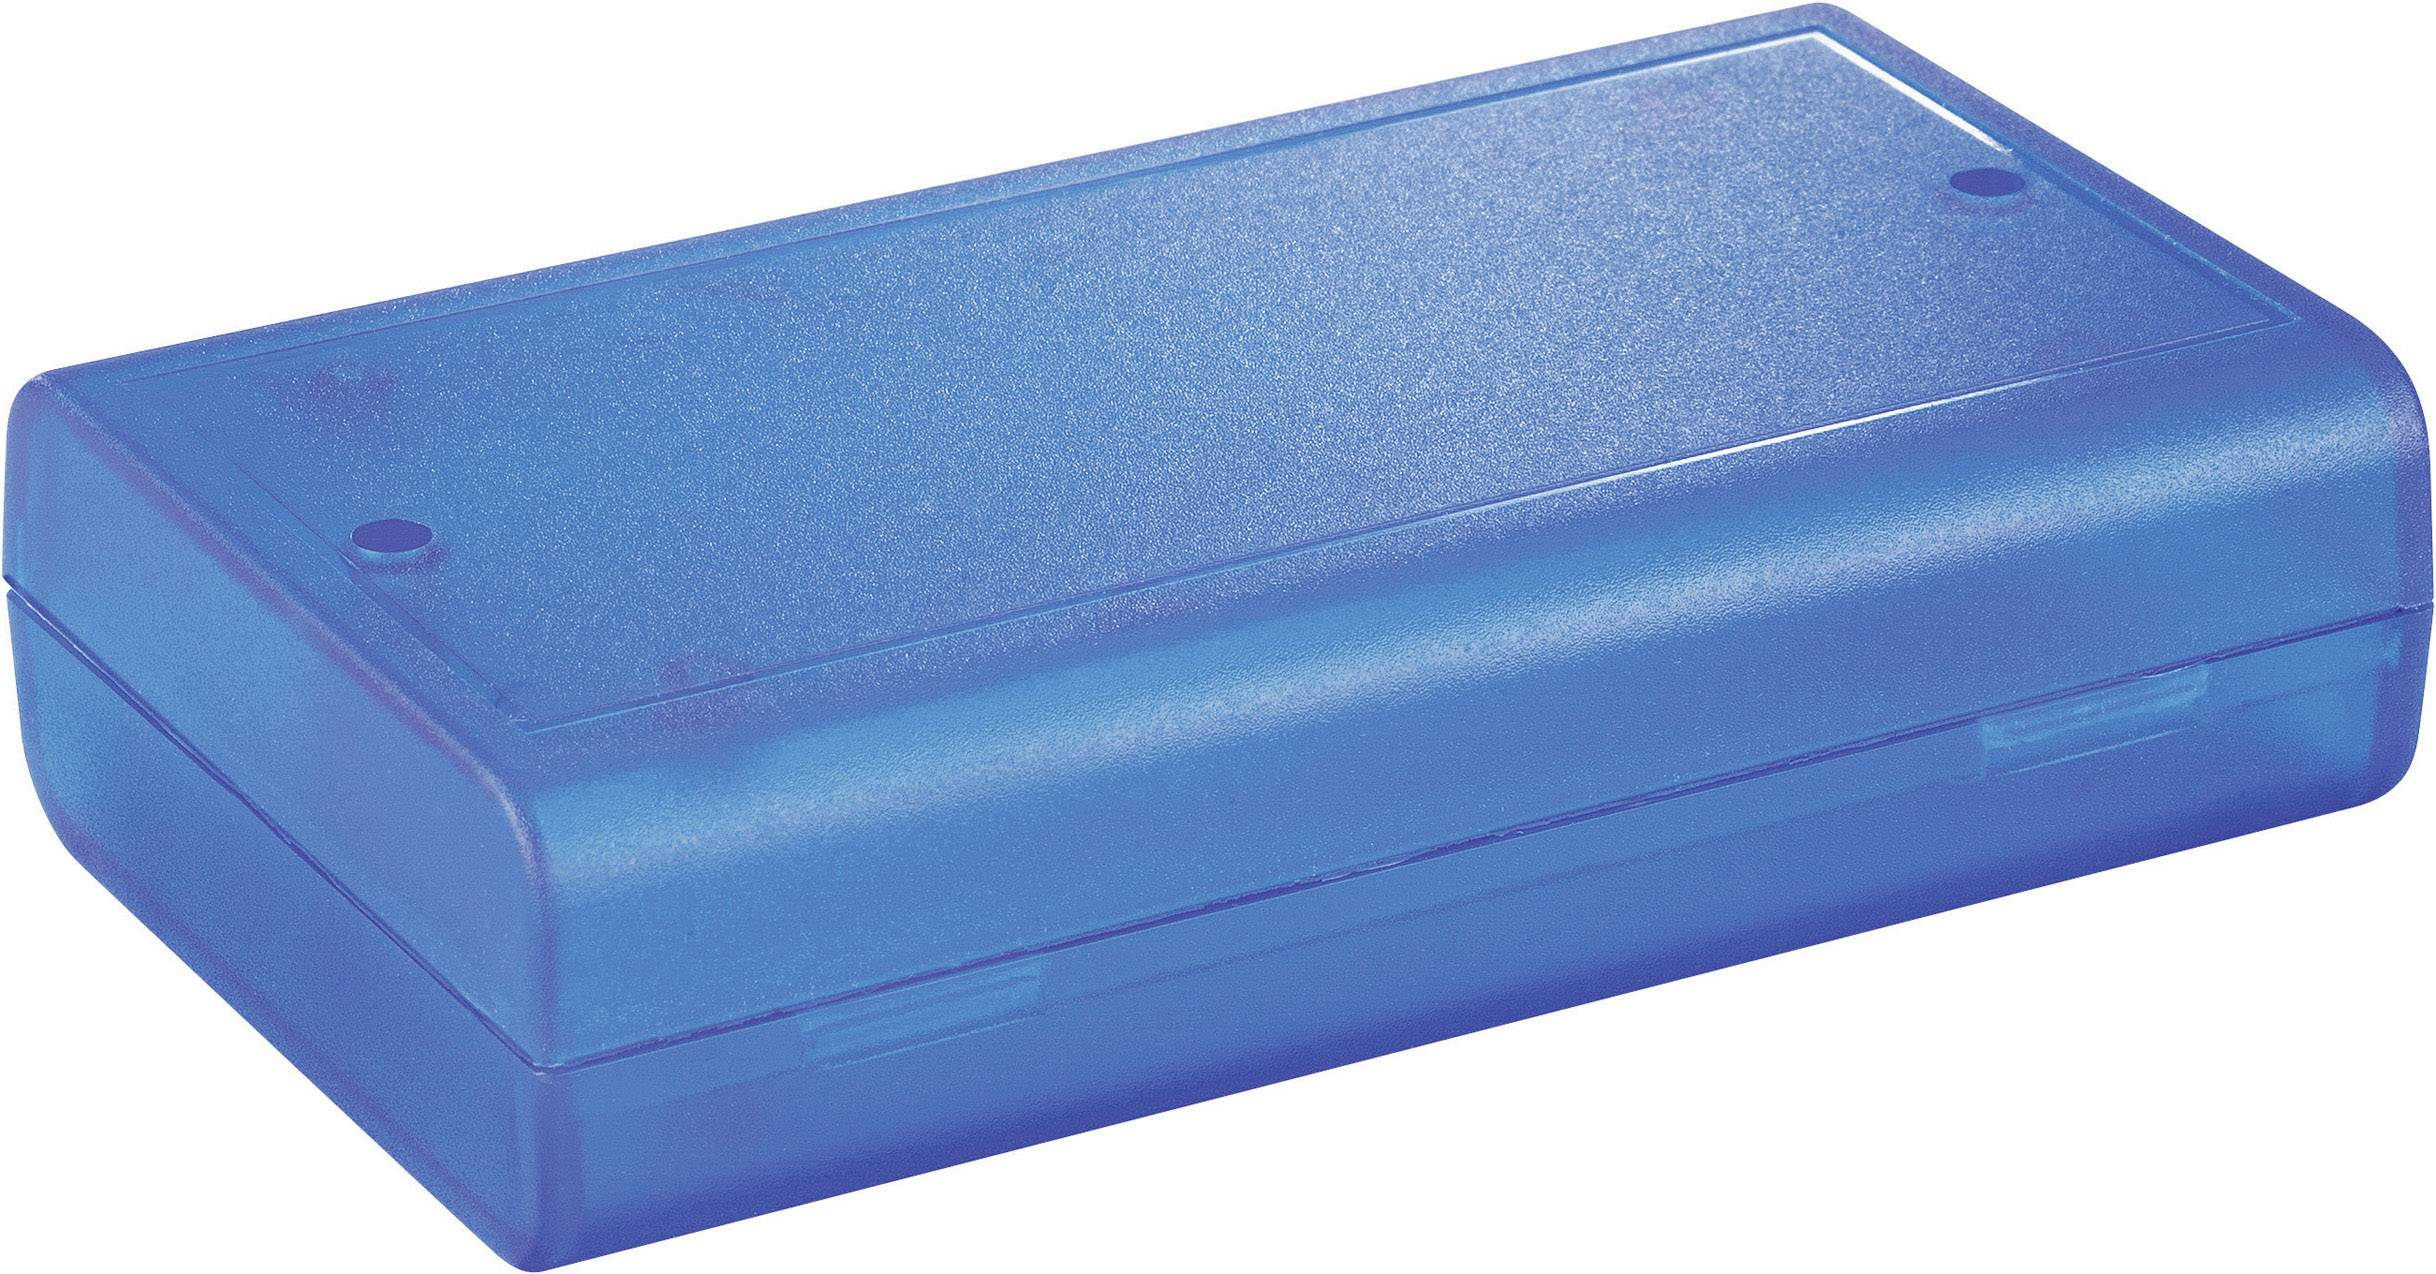 Univerzálne púzdro Strapubox 2515BL 2515BL, 124 x 72 x 30 , umelá hmota, modrá, 1 ks